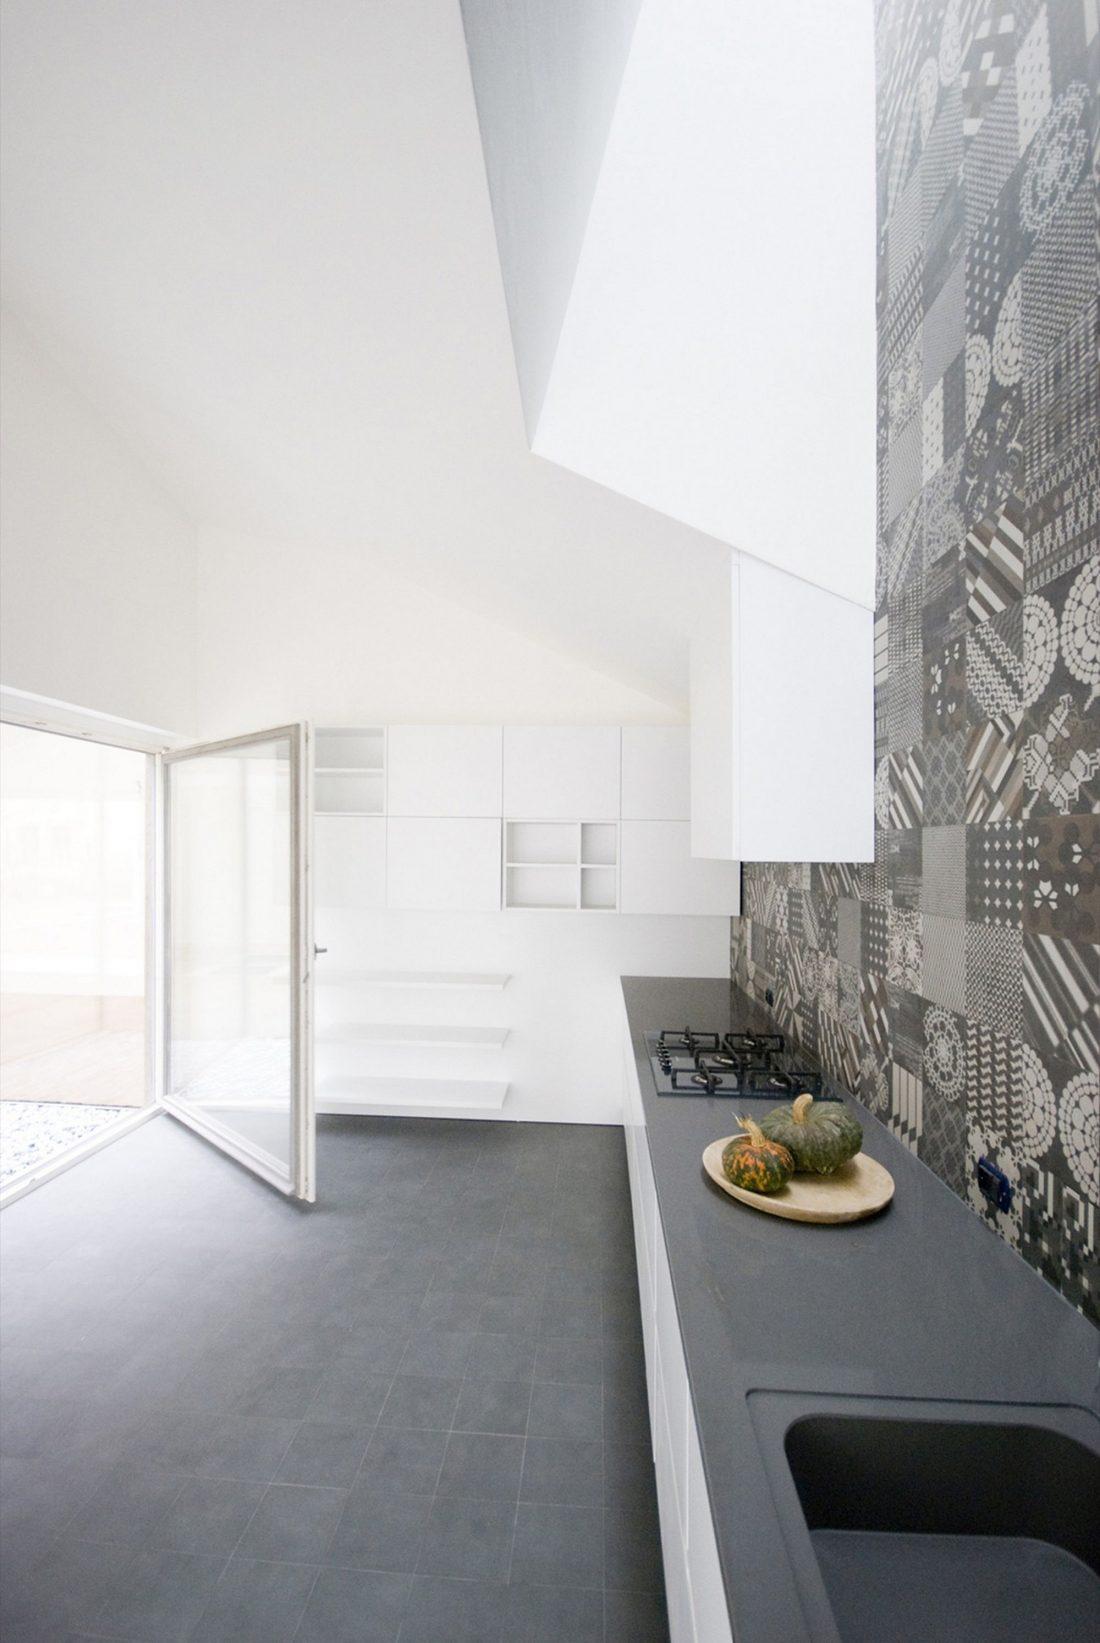 seryj-granitnyj-dom-ot-studii-ifdesign-4